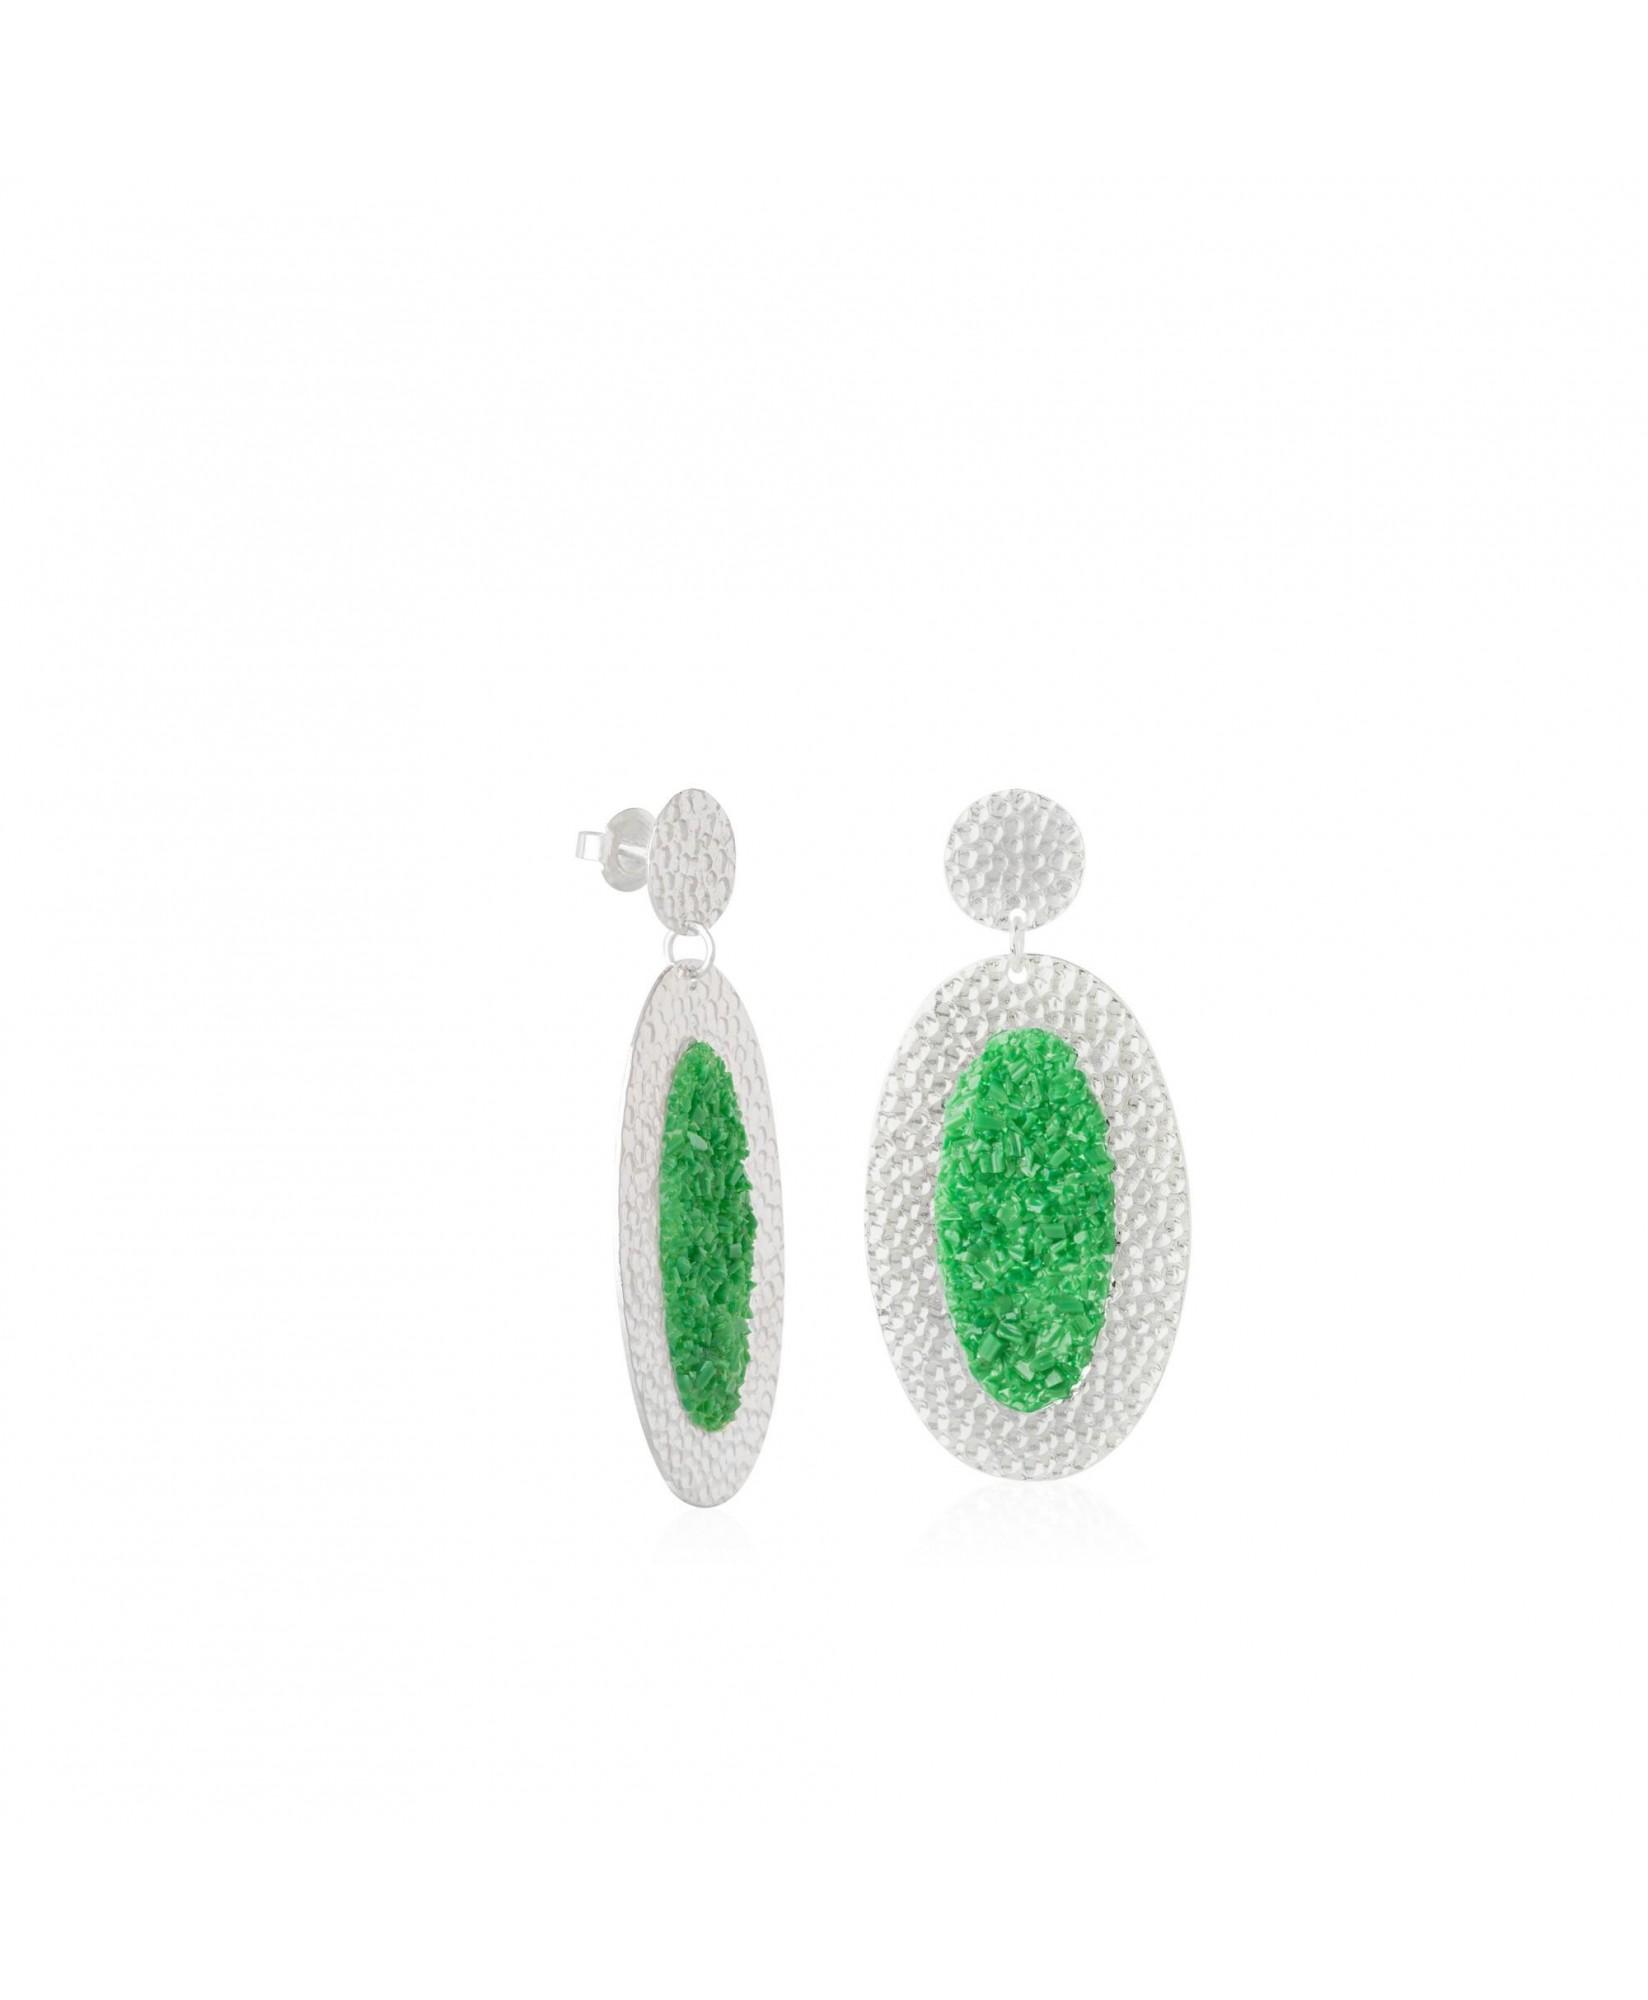 Pendientes de plata ovalados Demeter con nácar verde Pendientes de plata ovalados Demeter con nácar verde